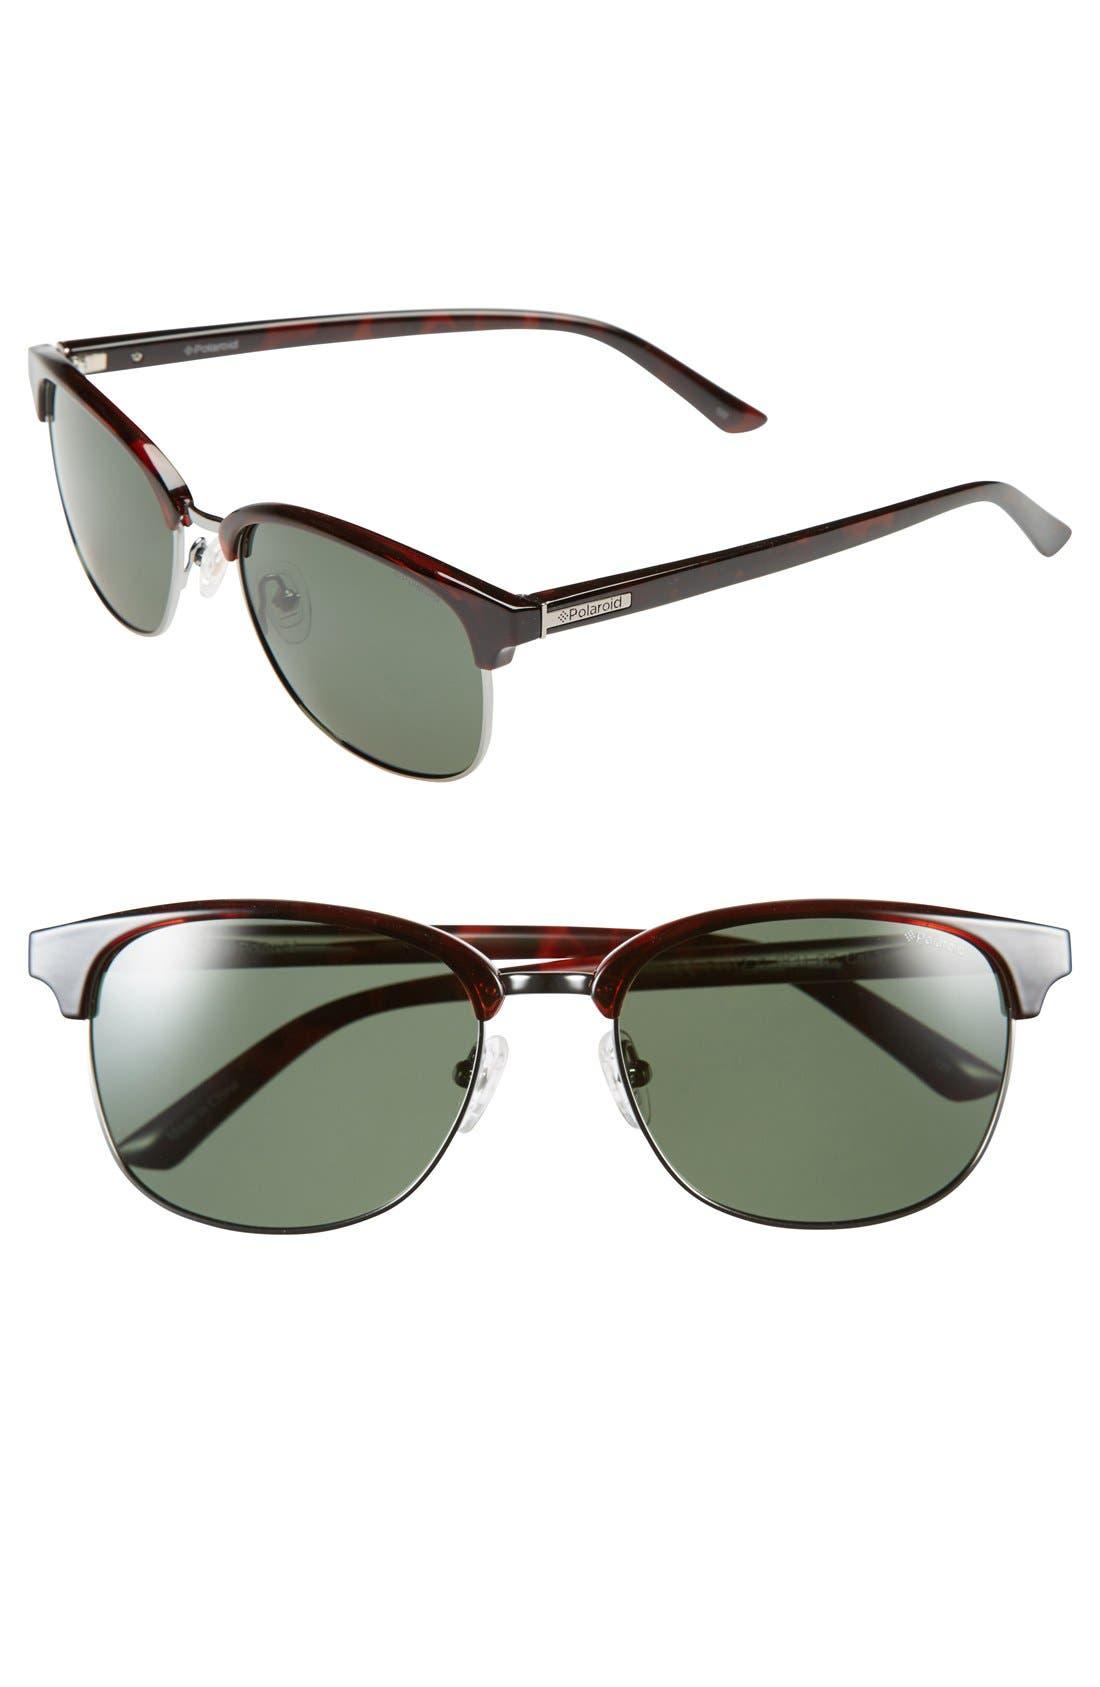 Alternate Image 1 Selected - Polaroid Eyewear 55mm Polarized Sunglasses